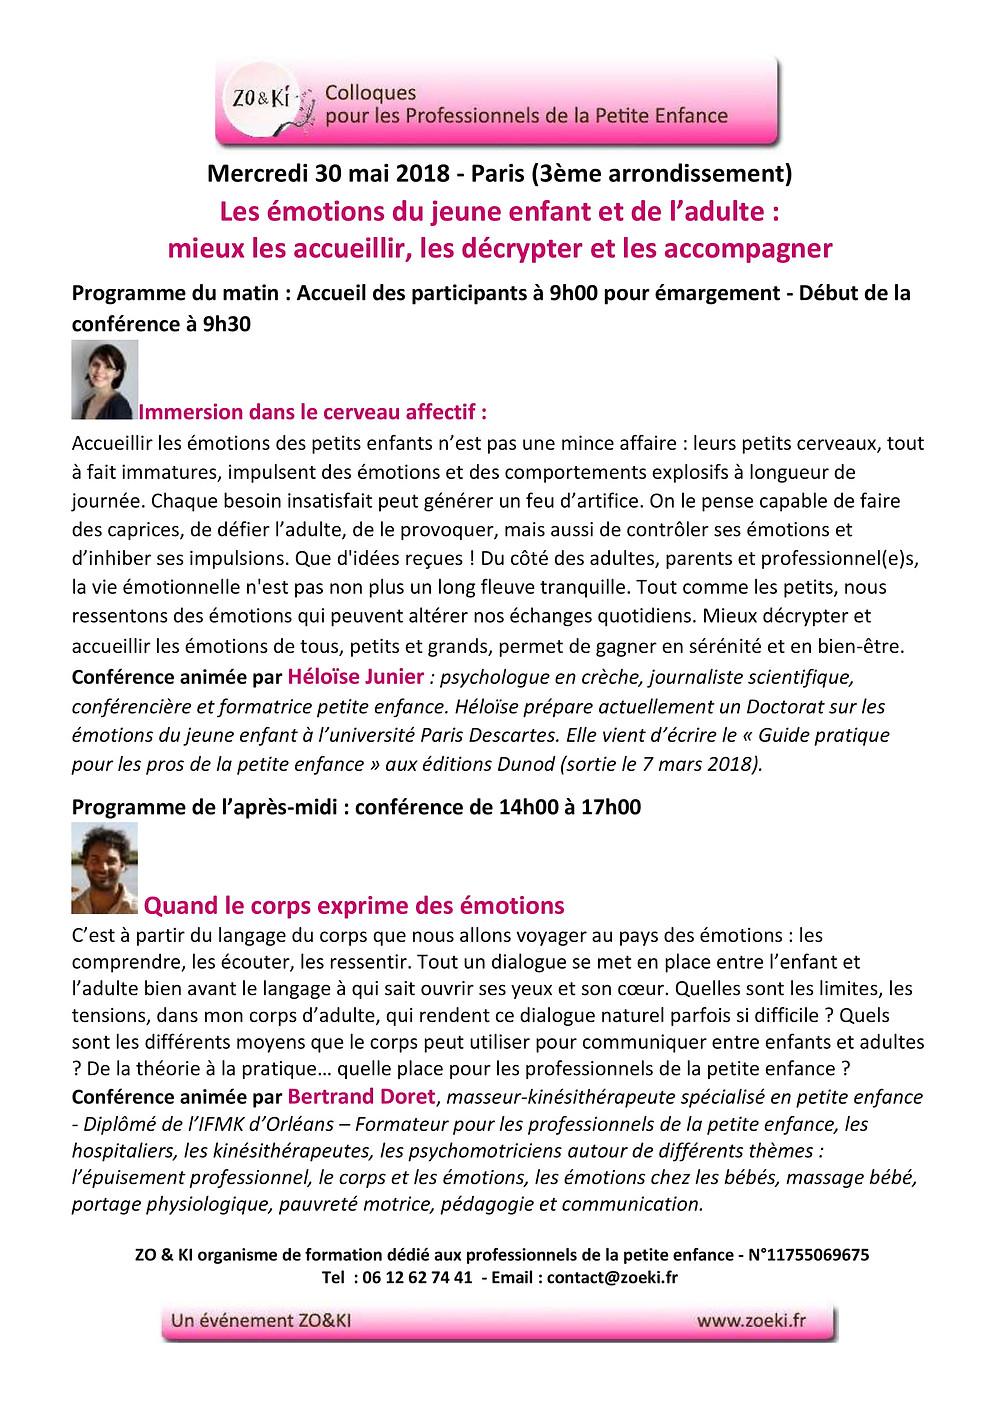 Conférence Zoeki Heloïse Junnier et Bertrand Doret